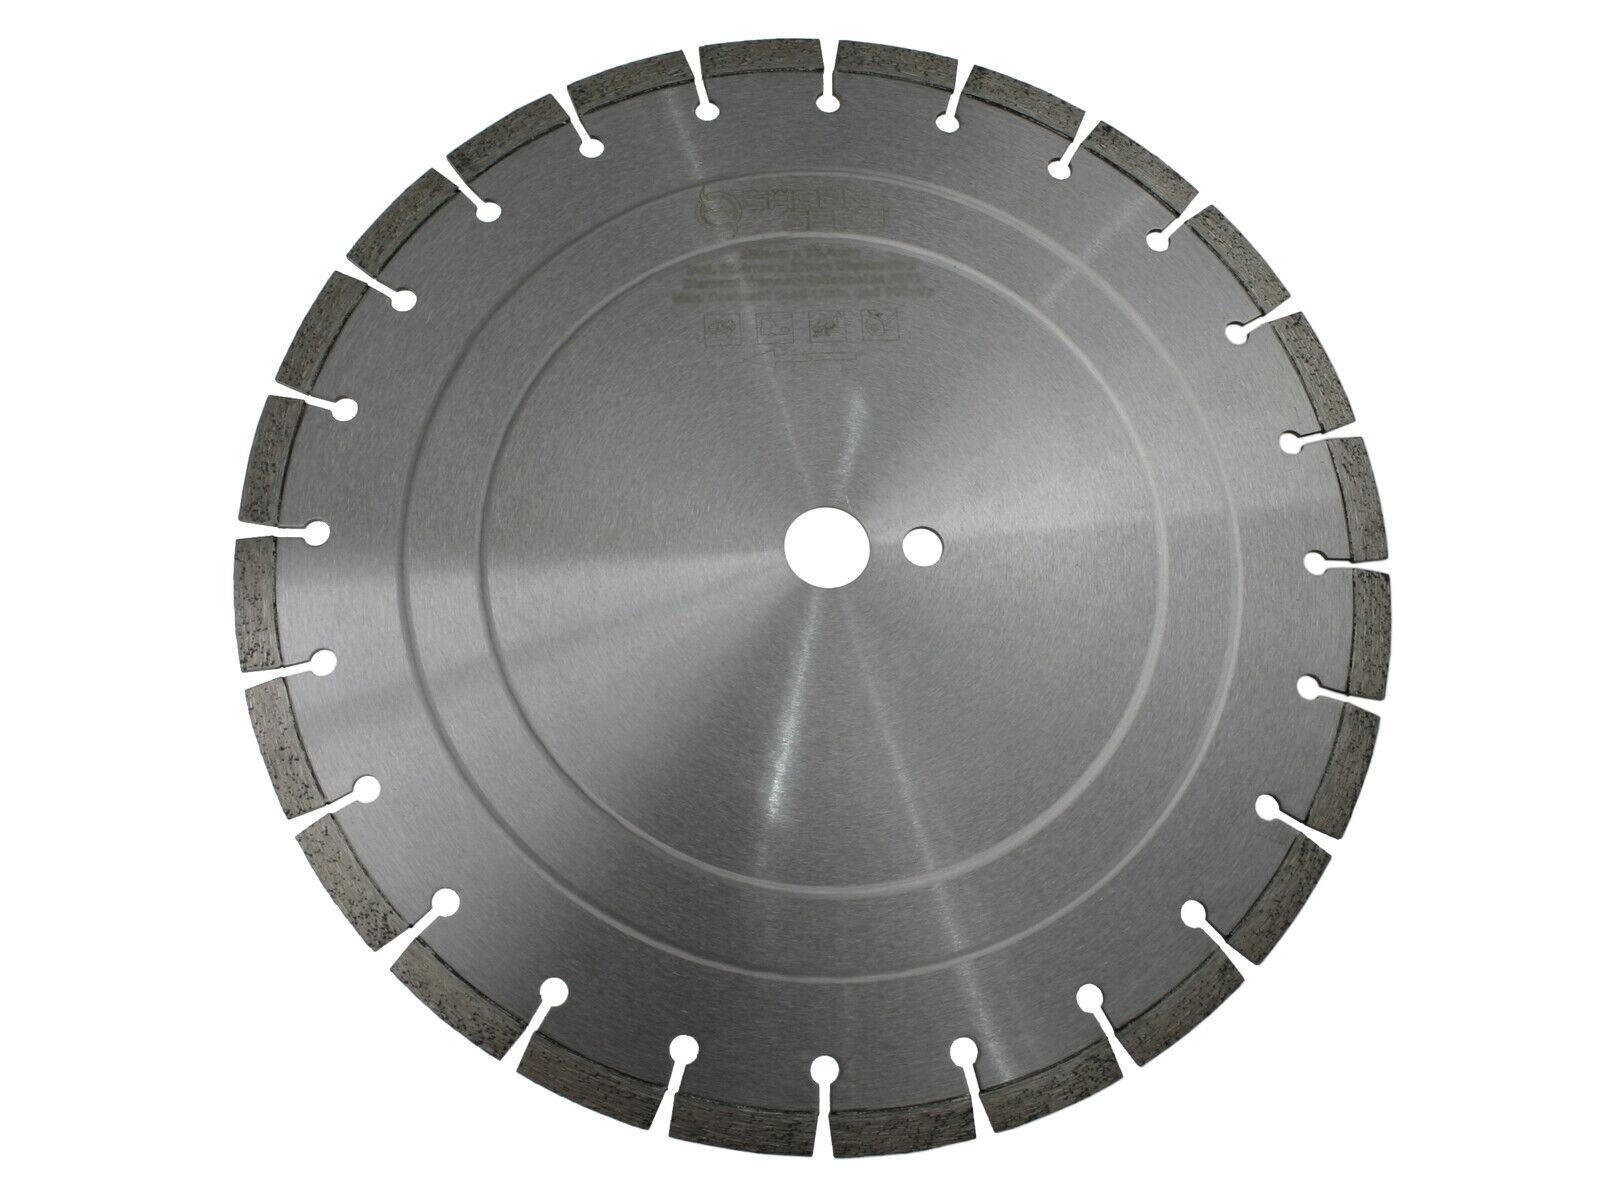 25,4mm passend für Stihl TS 760 TS760 Trennscheibe Diamanttrennscheibe 400mm